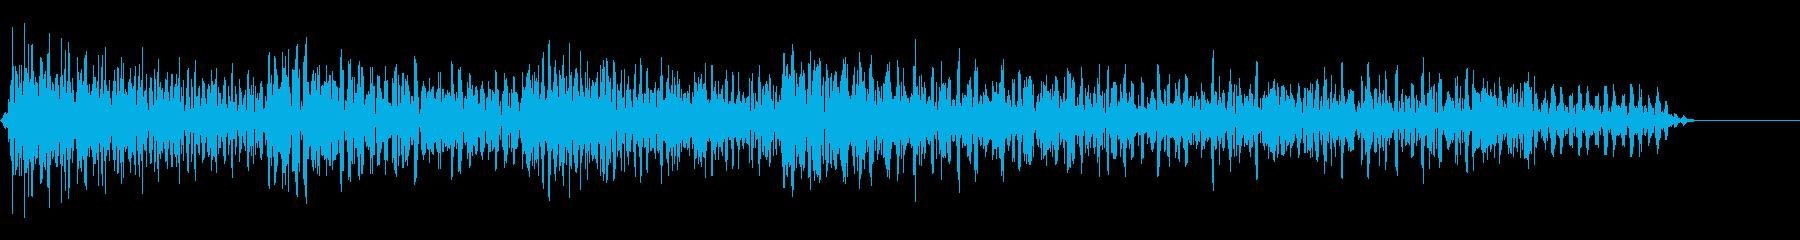 チャラララ/宿屋/冒険/ピコピコ/場面の再生済みの波形